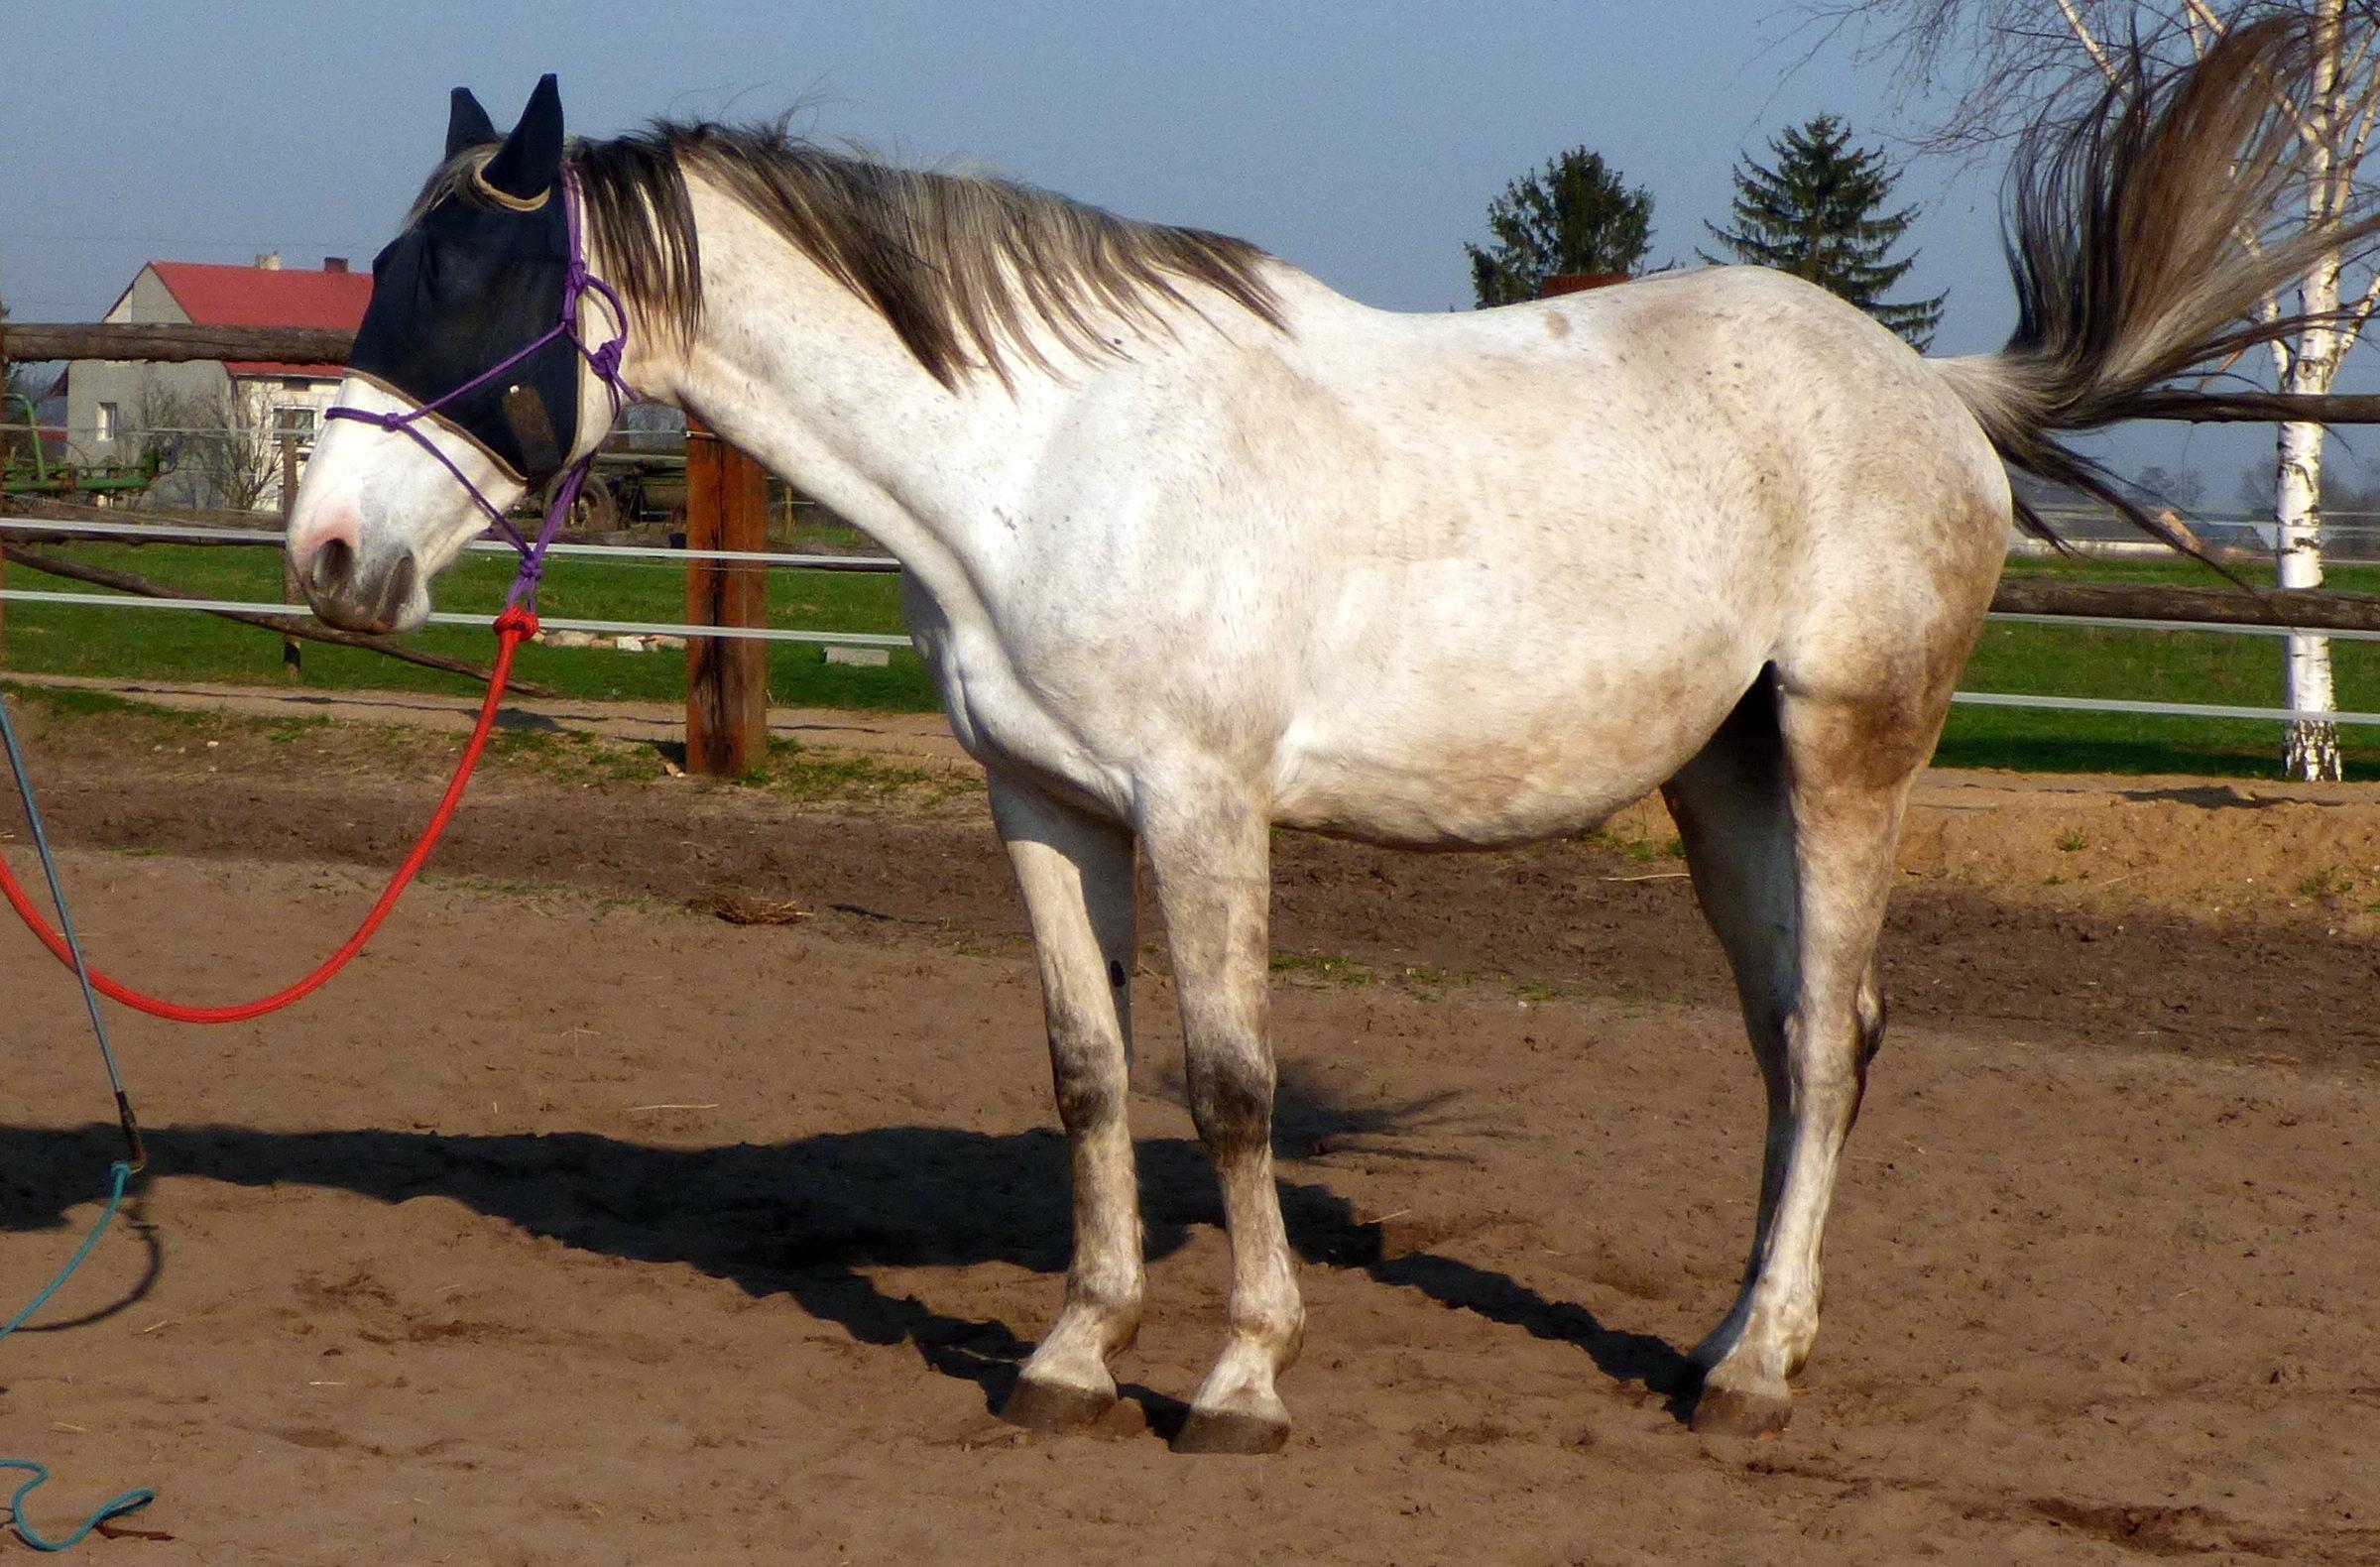 cofanie_lina_ustawienie_konie